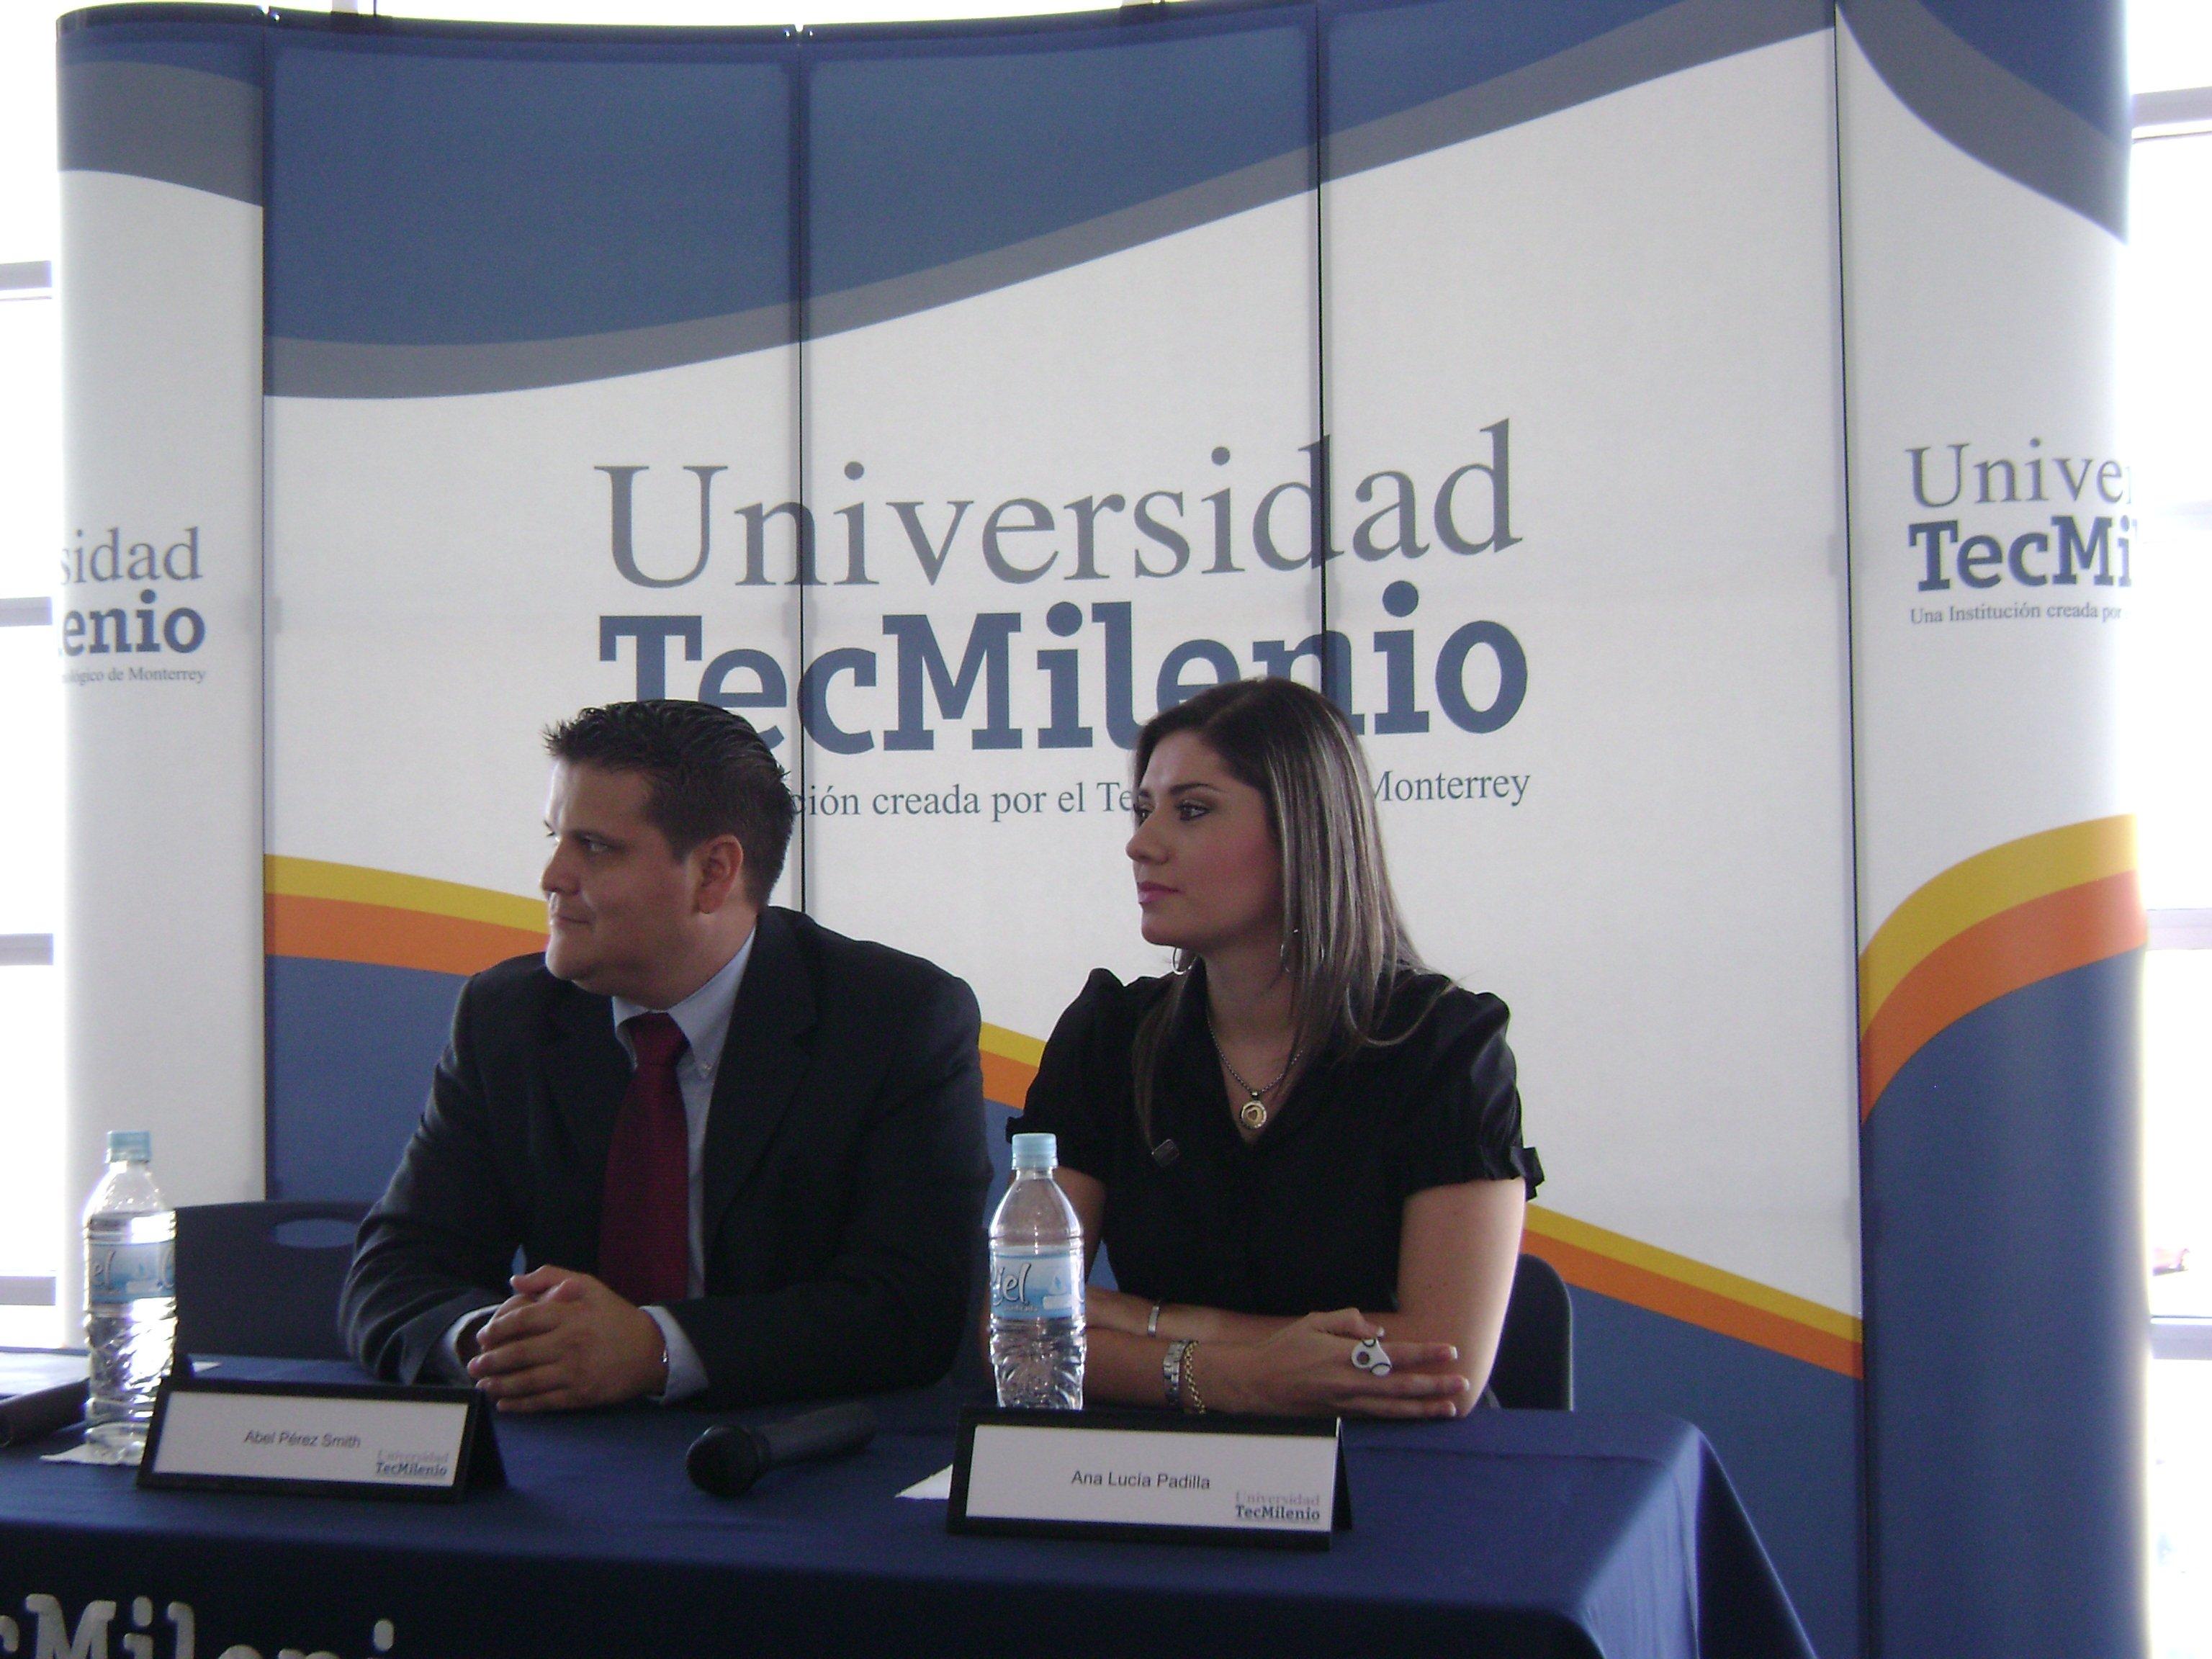 rueda-de-prensa-maestria-en-educacion-tecmilenio.jpg